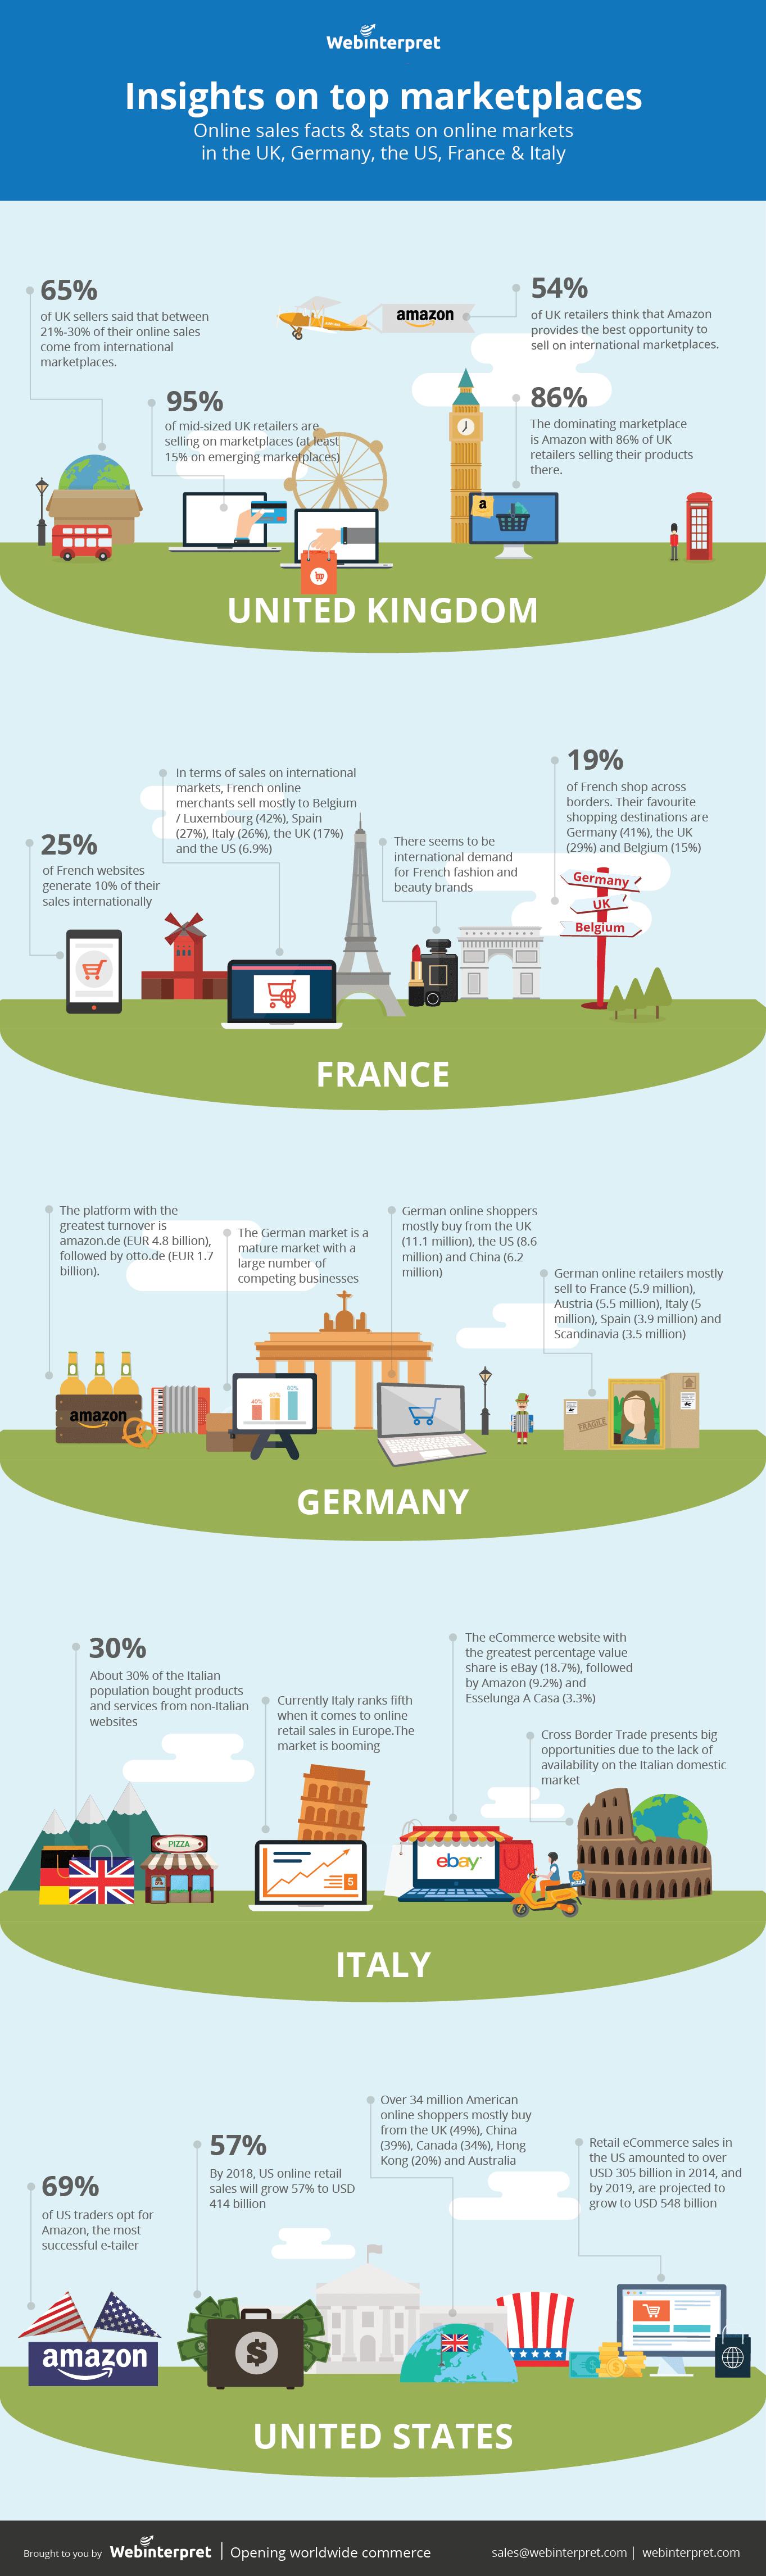 pasar-infografis online atas